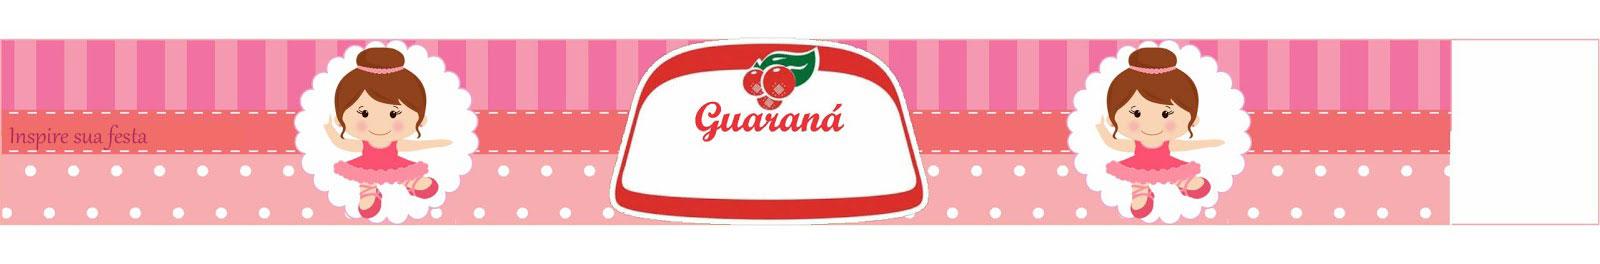 rotulo guarana bailarina gratuito 3